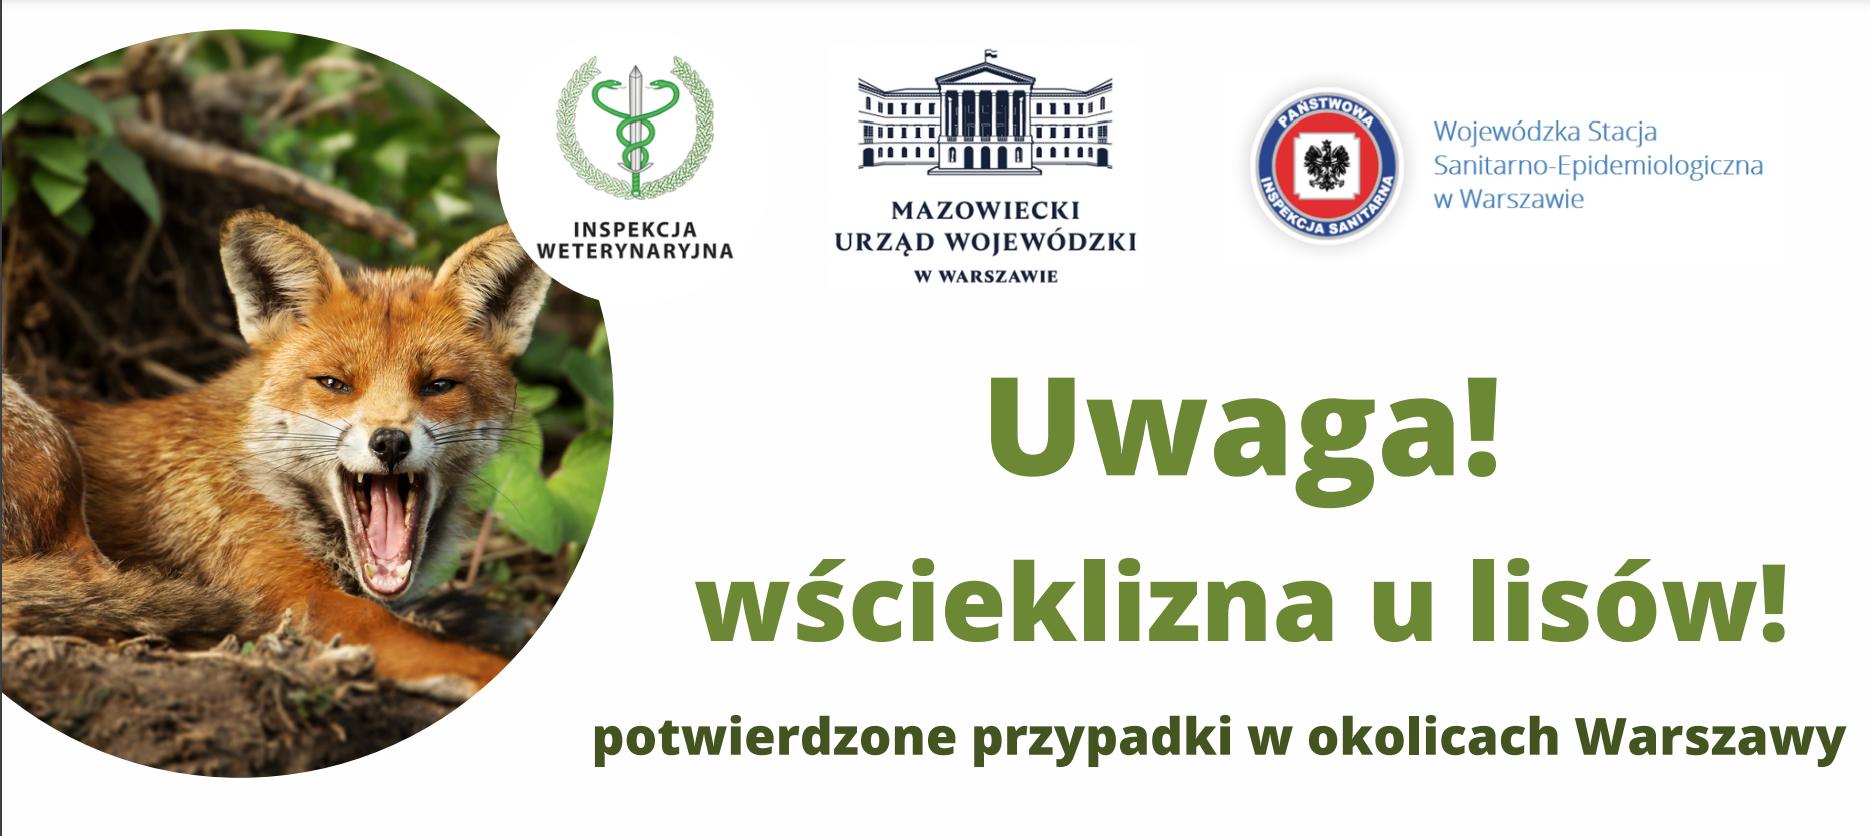 Wścieklizna u lisów wolno żyjących na terenie województwa mazowieckiego